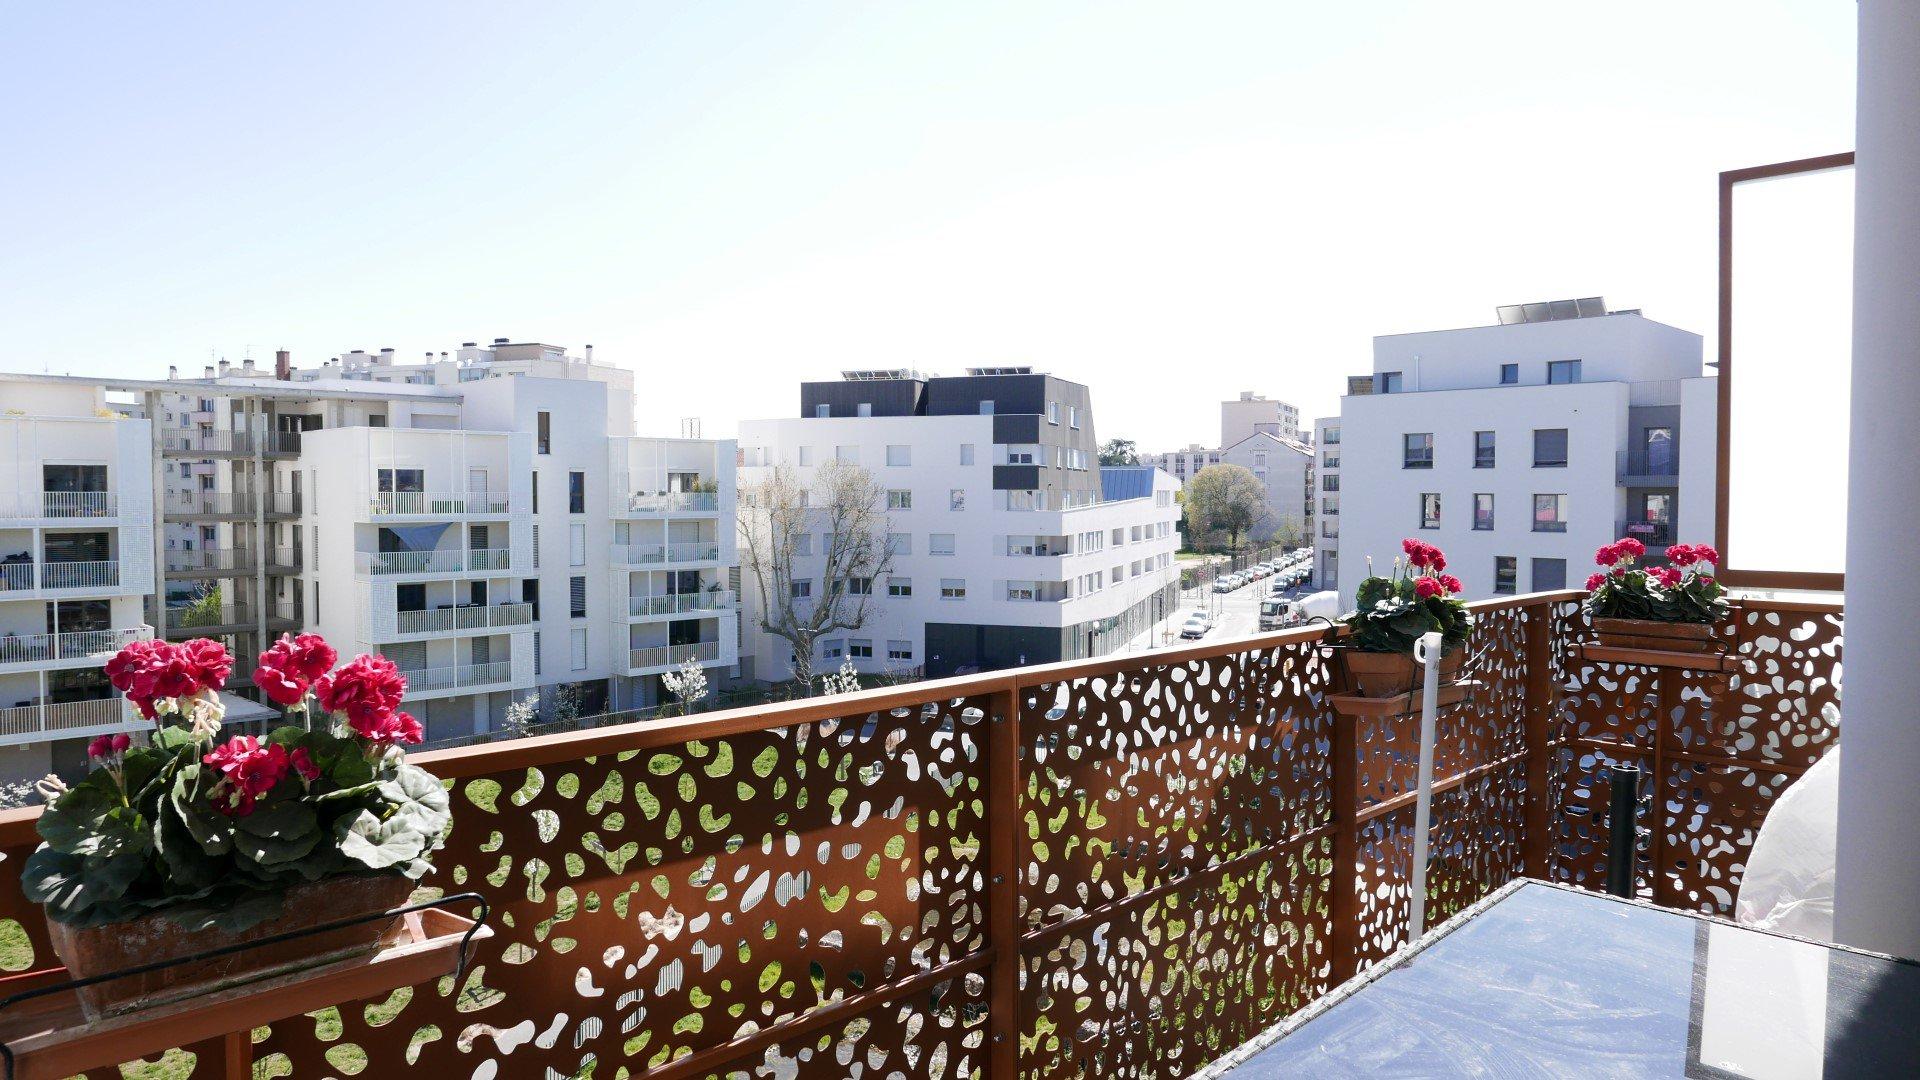 Achat Appartement Surface de 92 m², 4 pièces, Villeurbanne (69100)